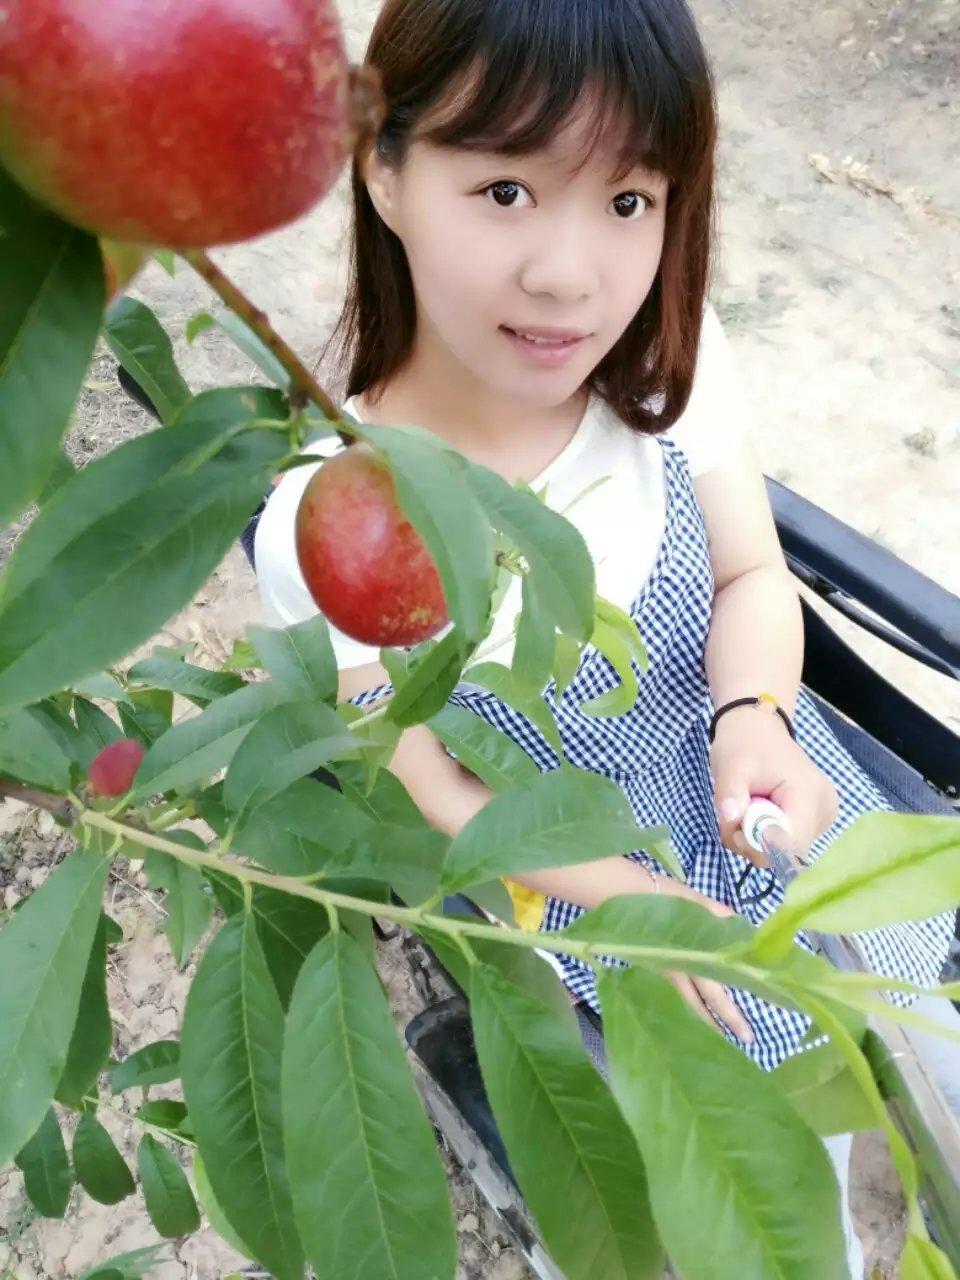 """""""油桃妹""""——善良美丽的残疾姑娘韩文静-19岁地震孤儿独立导演的纪录片《轮椅上的女孩》 人物故事 第8张"""